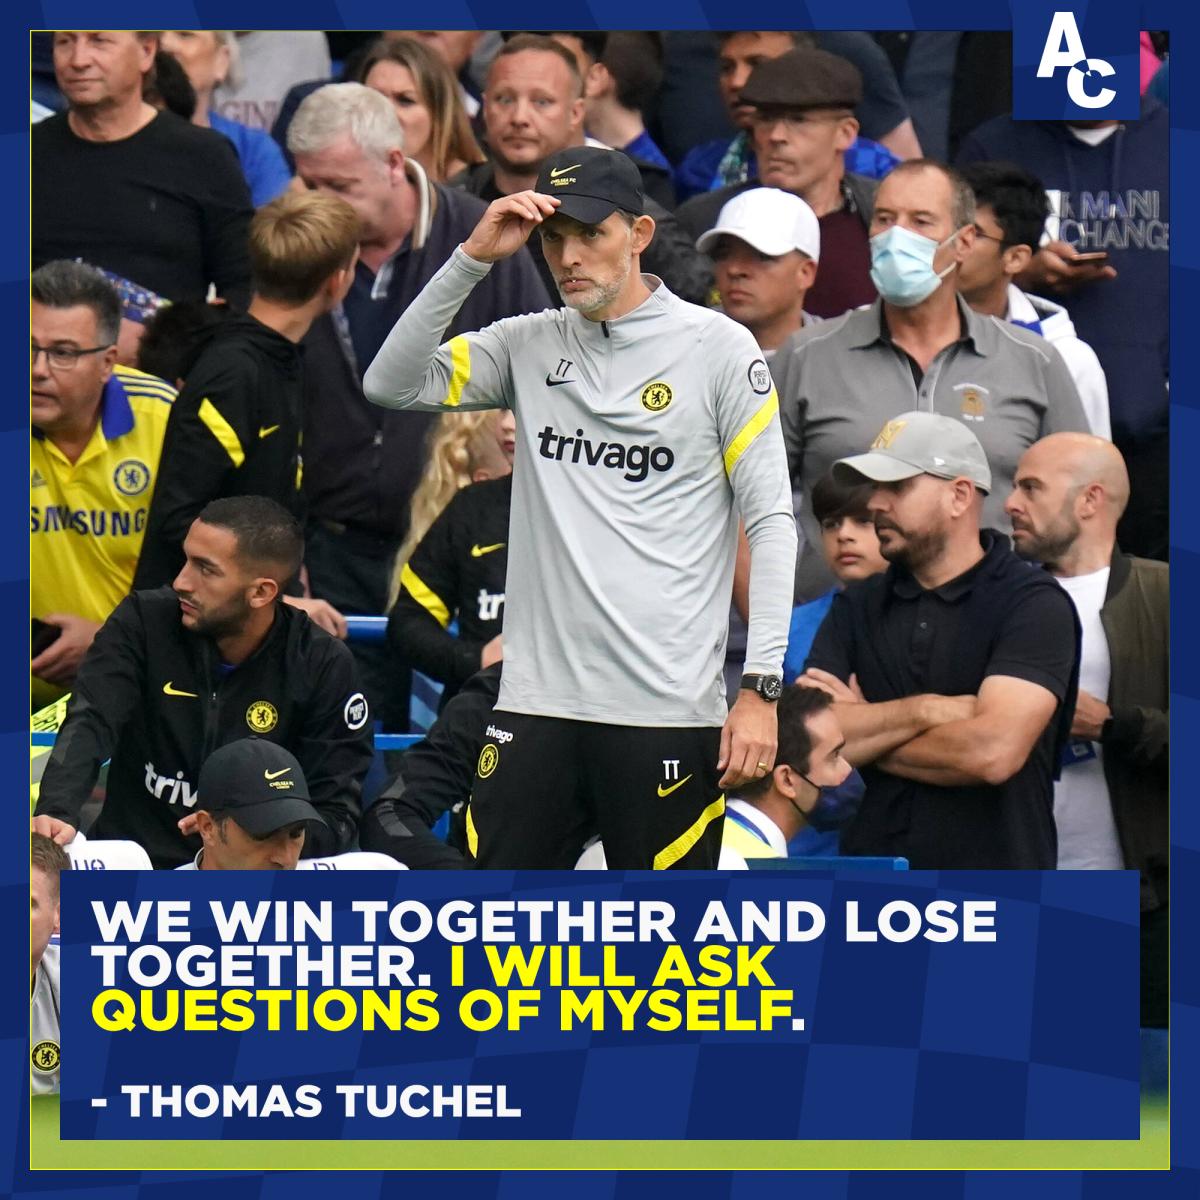 Tuchel x City defeat